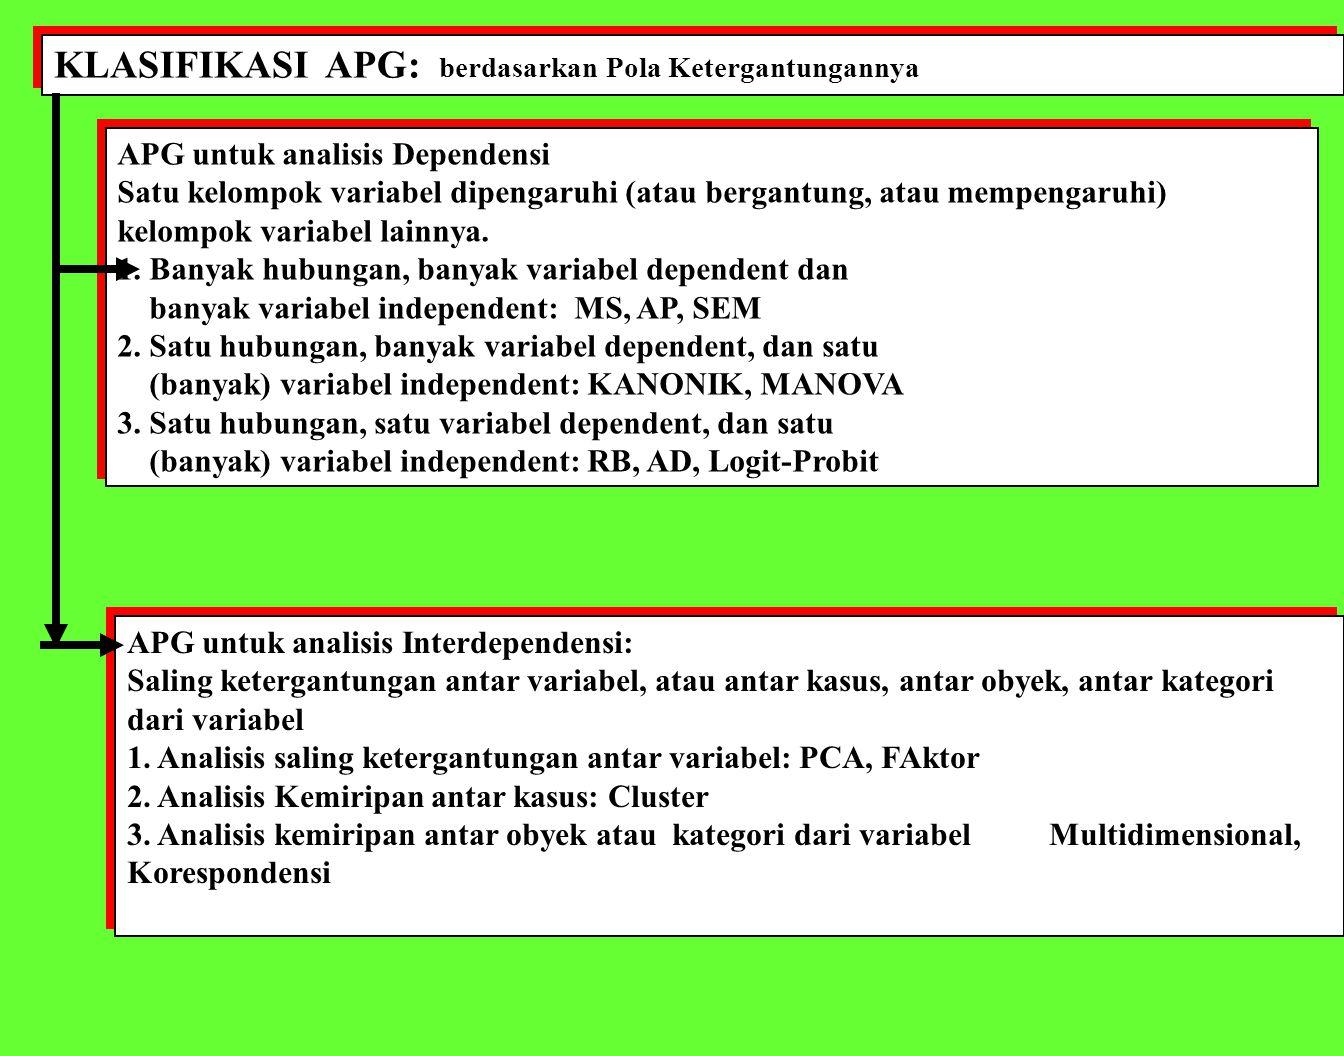 KLASIFIKASI APG: berdasarkan Pola Ketergantungannya